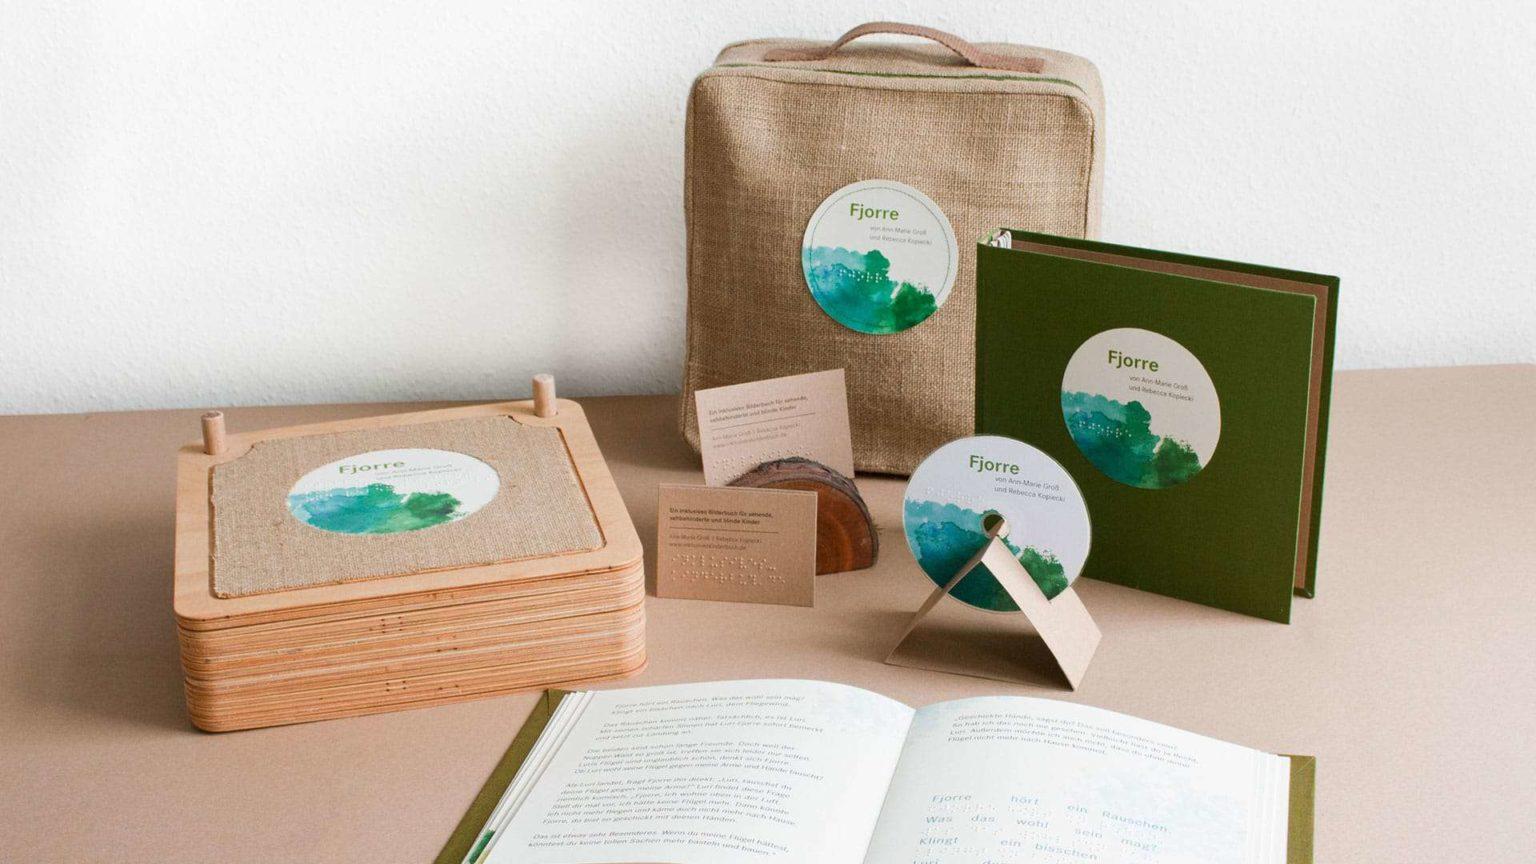 """Zu sehen ist das gesamte Paket von """"Fjorre"""", das wir im Rahmen unserer Bachelorarbeit an der HTW entwickelt haben. Das große Holzbuch, der Koffer als Verpackung, das Textbuch mit dem gesamten Text, die CD für das Hörbuch und inklusiv gestaltete Visitenkarten."""